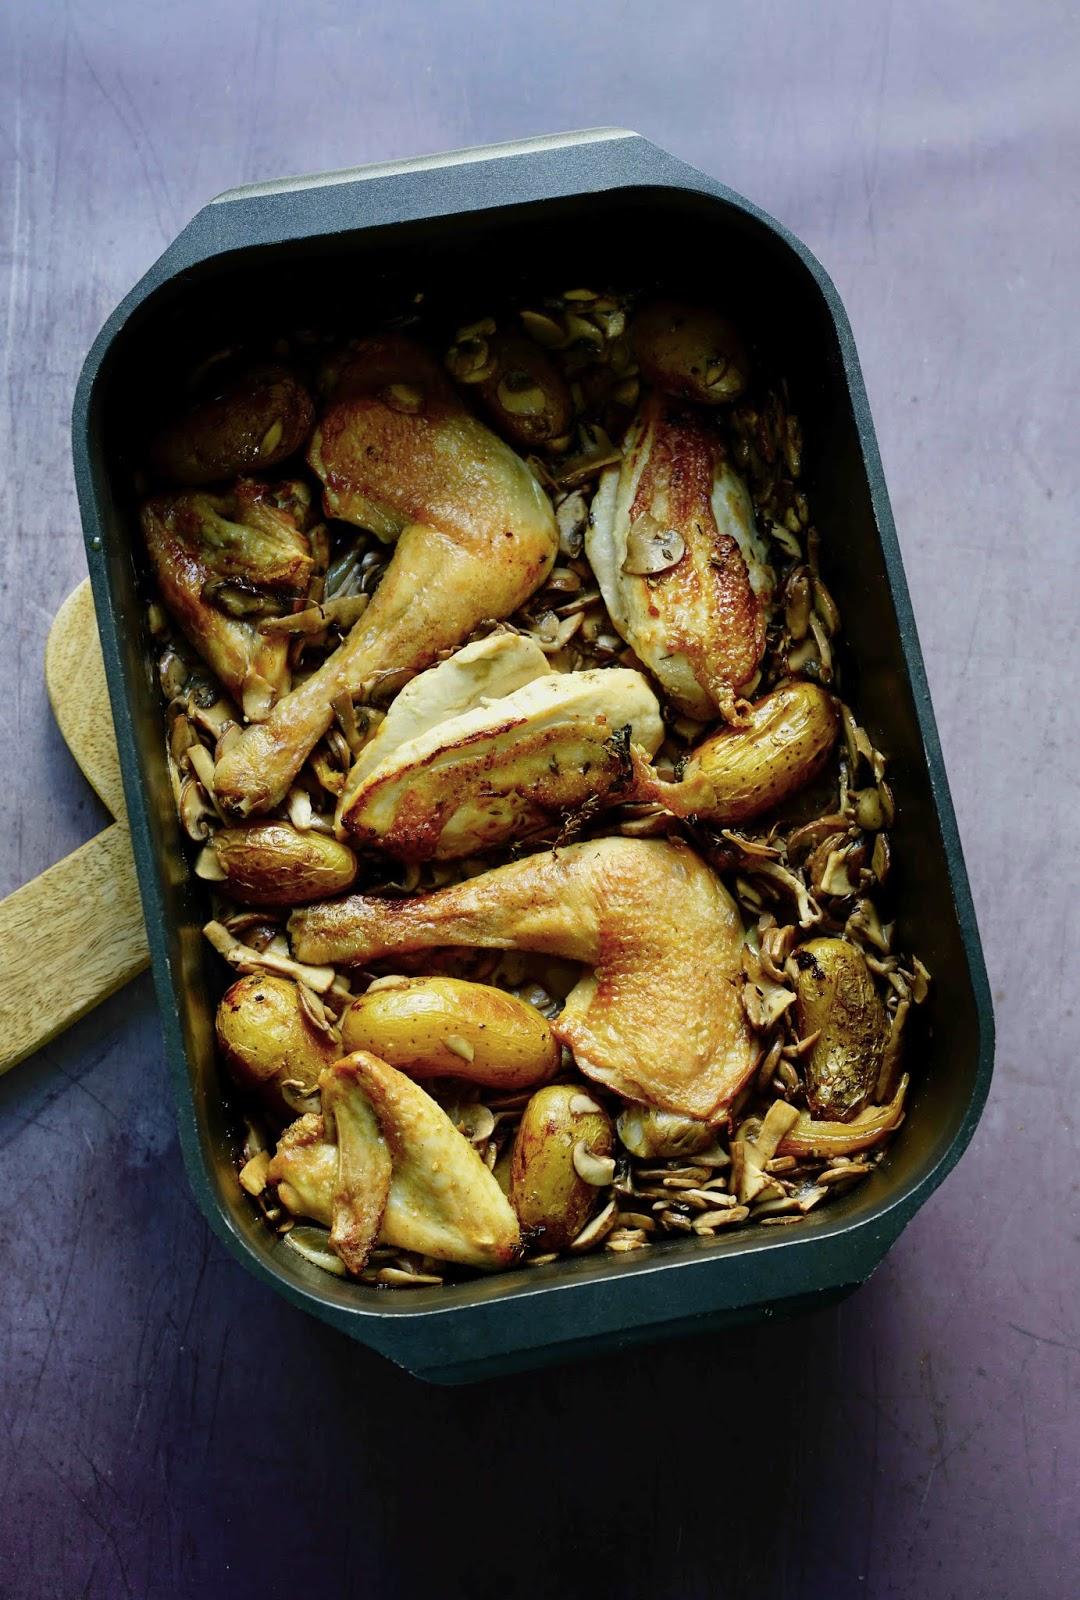 poulet au four, champignons , cuisine française , recette rapide , cuisine facile